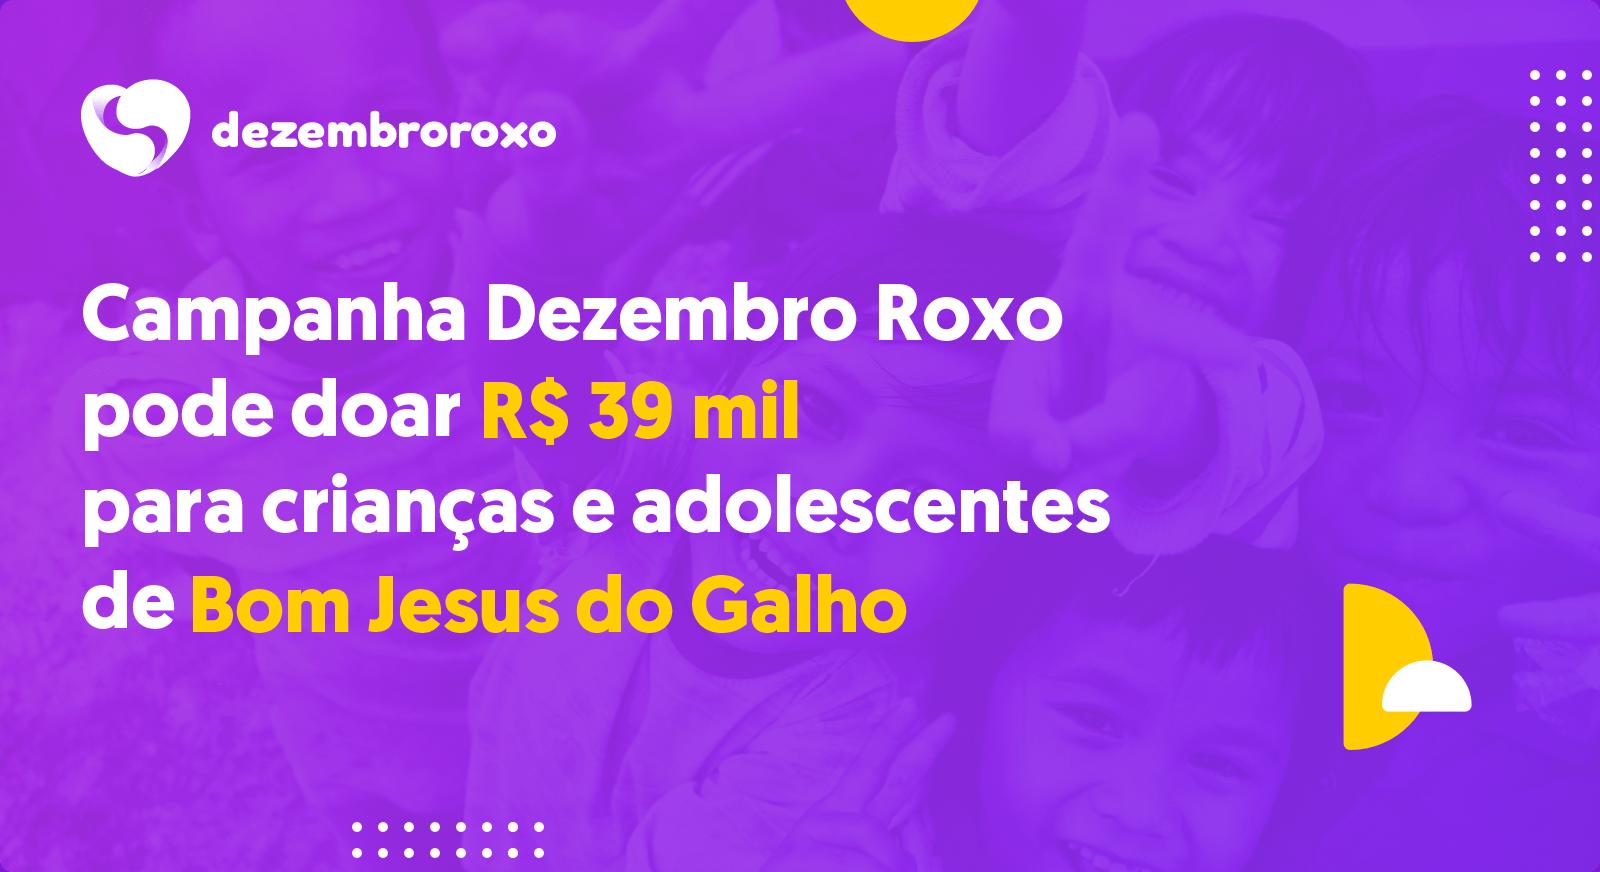 Doações em Bom Jesus do Galho - MG